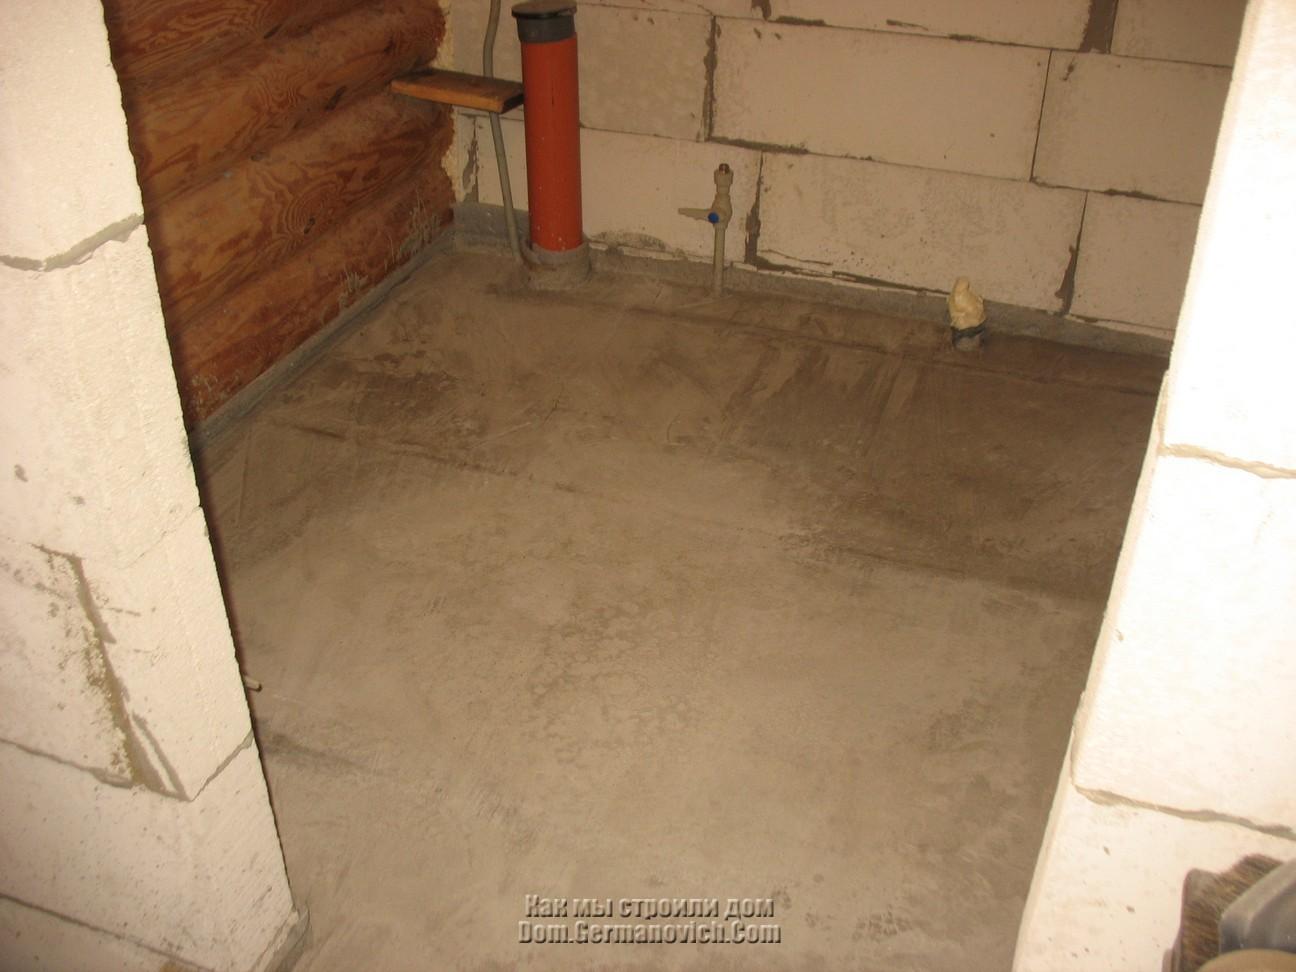 Der Boden im Badezimmer. Wie erhebe ich das Bad über dem Boden?